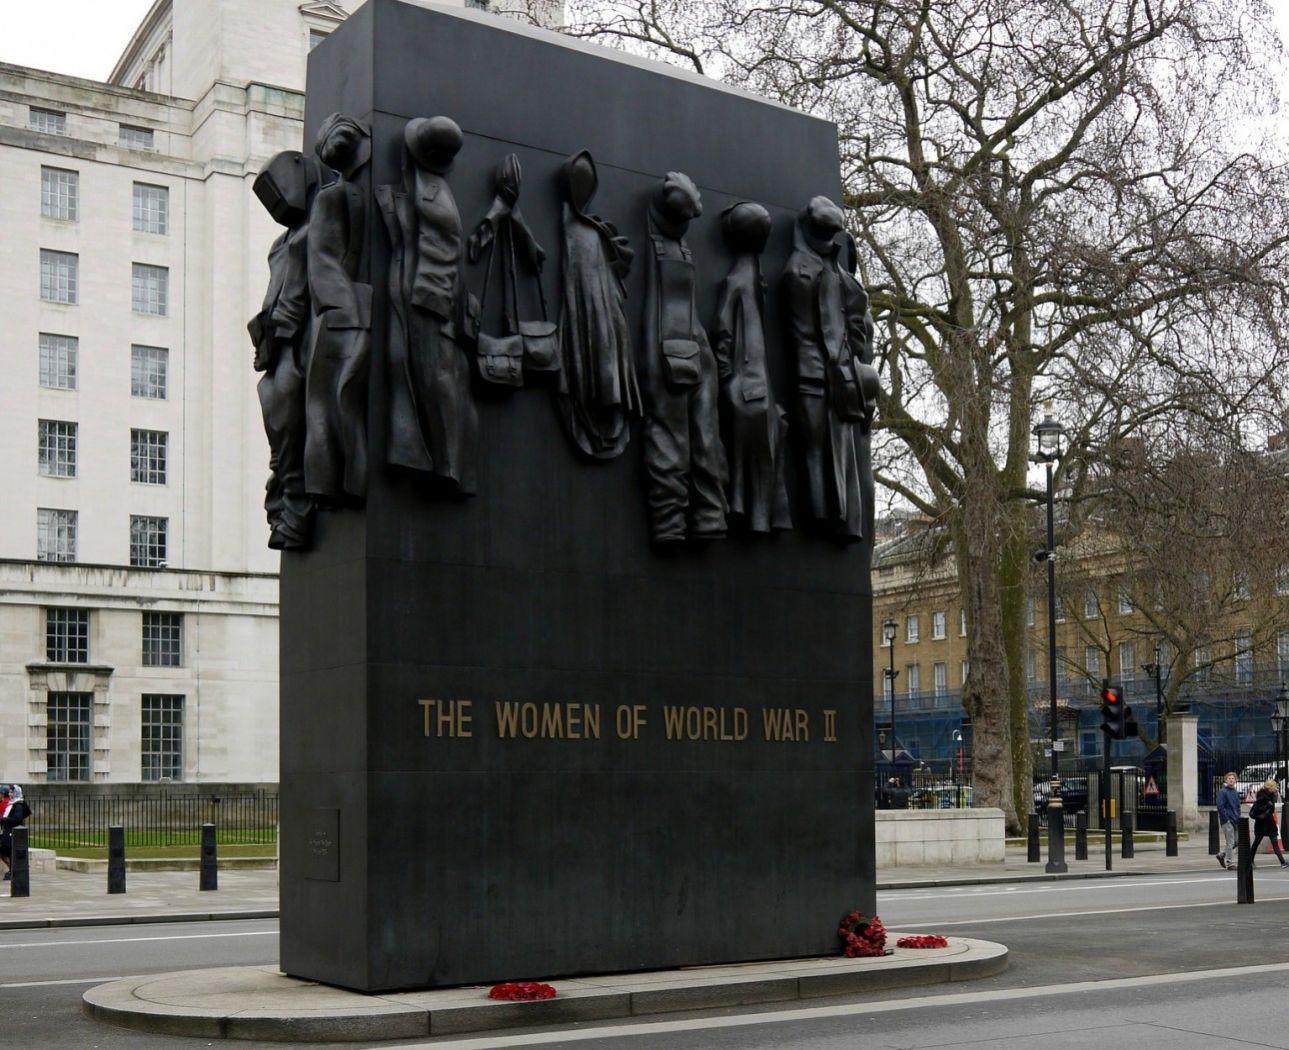 Το Μνημείο για τις Γυναίκες του Β' Παγκοσμίου Πολέμου ανεγέρθηκε το 2005 στο Ουάιτχολ και είναι εμπνευσμένο από τη συμβολή των (θηλυκών) πυροβολητών, Έντνα Στορ και Μίλντρεντ Βιλ. Οι 17 κενές ενδυμασίες και στολές υπενθυμίζουν τα διαφορετικά επαγγέλματα που είχαν οι γυναίκες πριν πολεμήσουν.